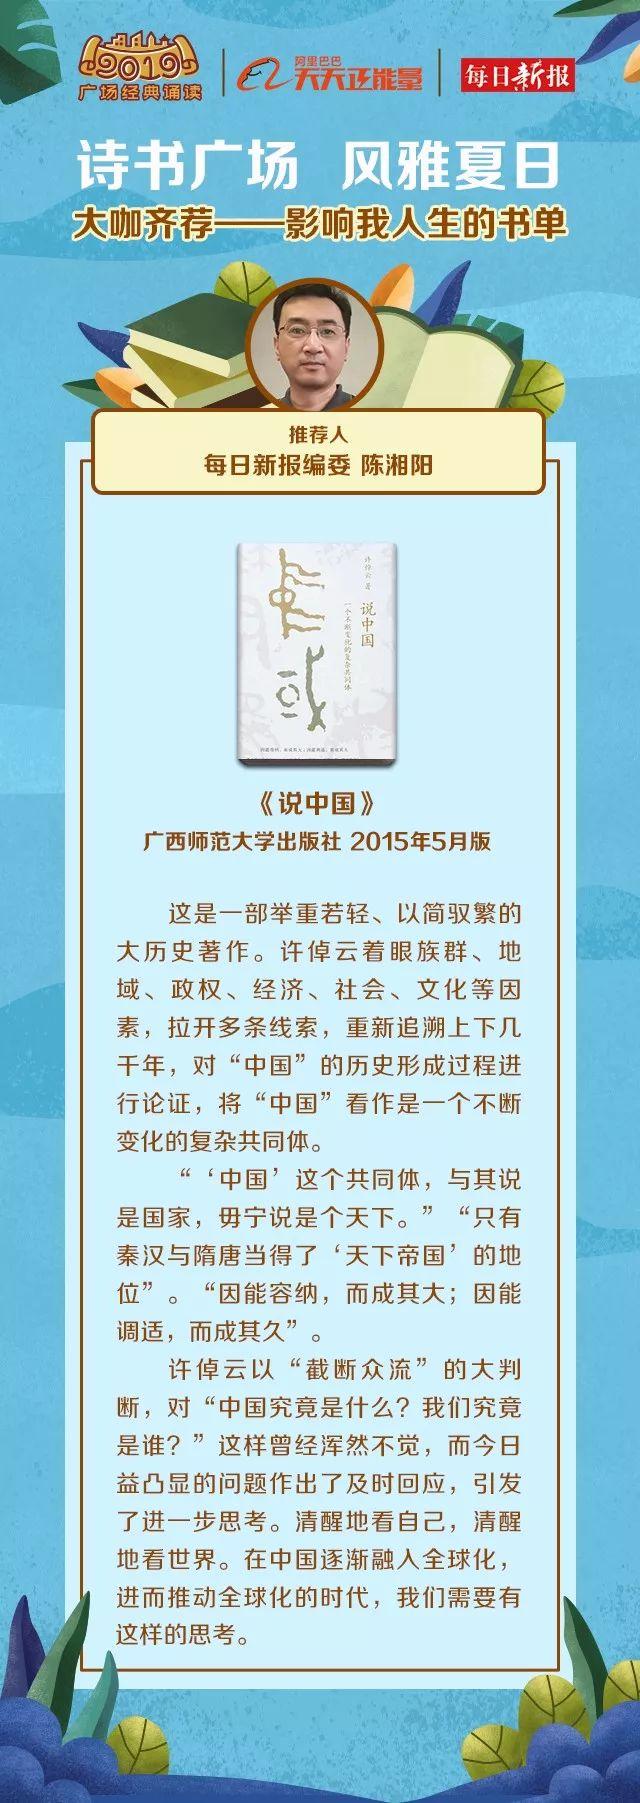 """2019""""广场经典诵读"""",大咖齐荐书,这份经典书单你赶紧收藏"""